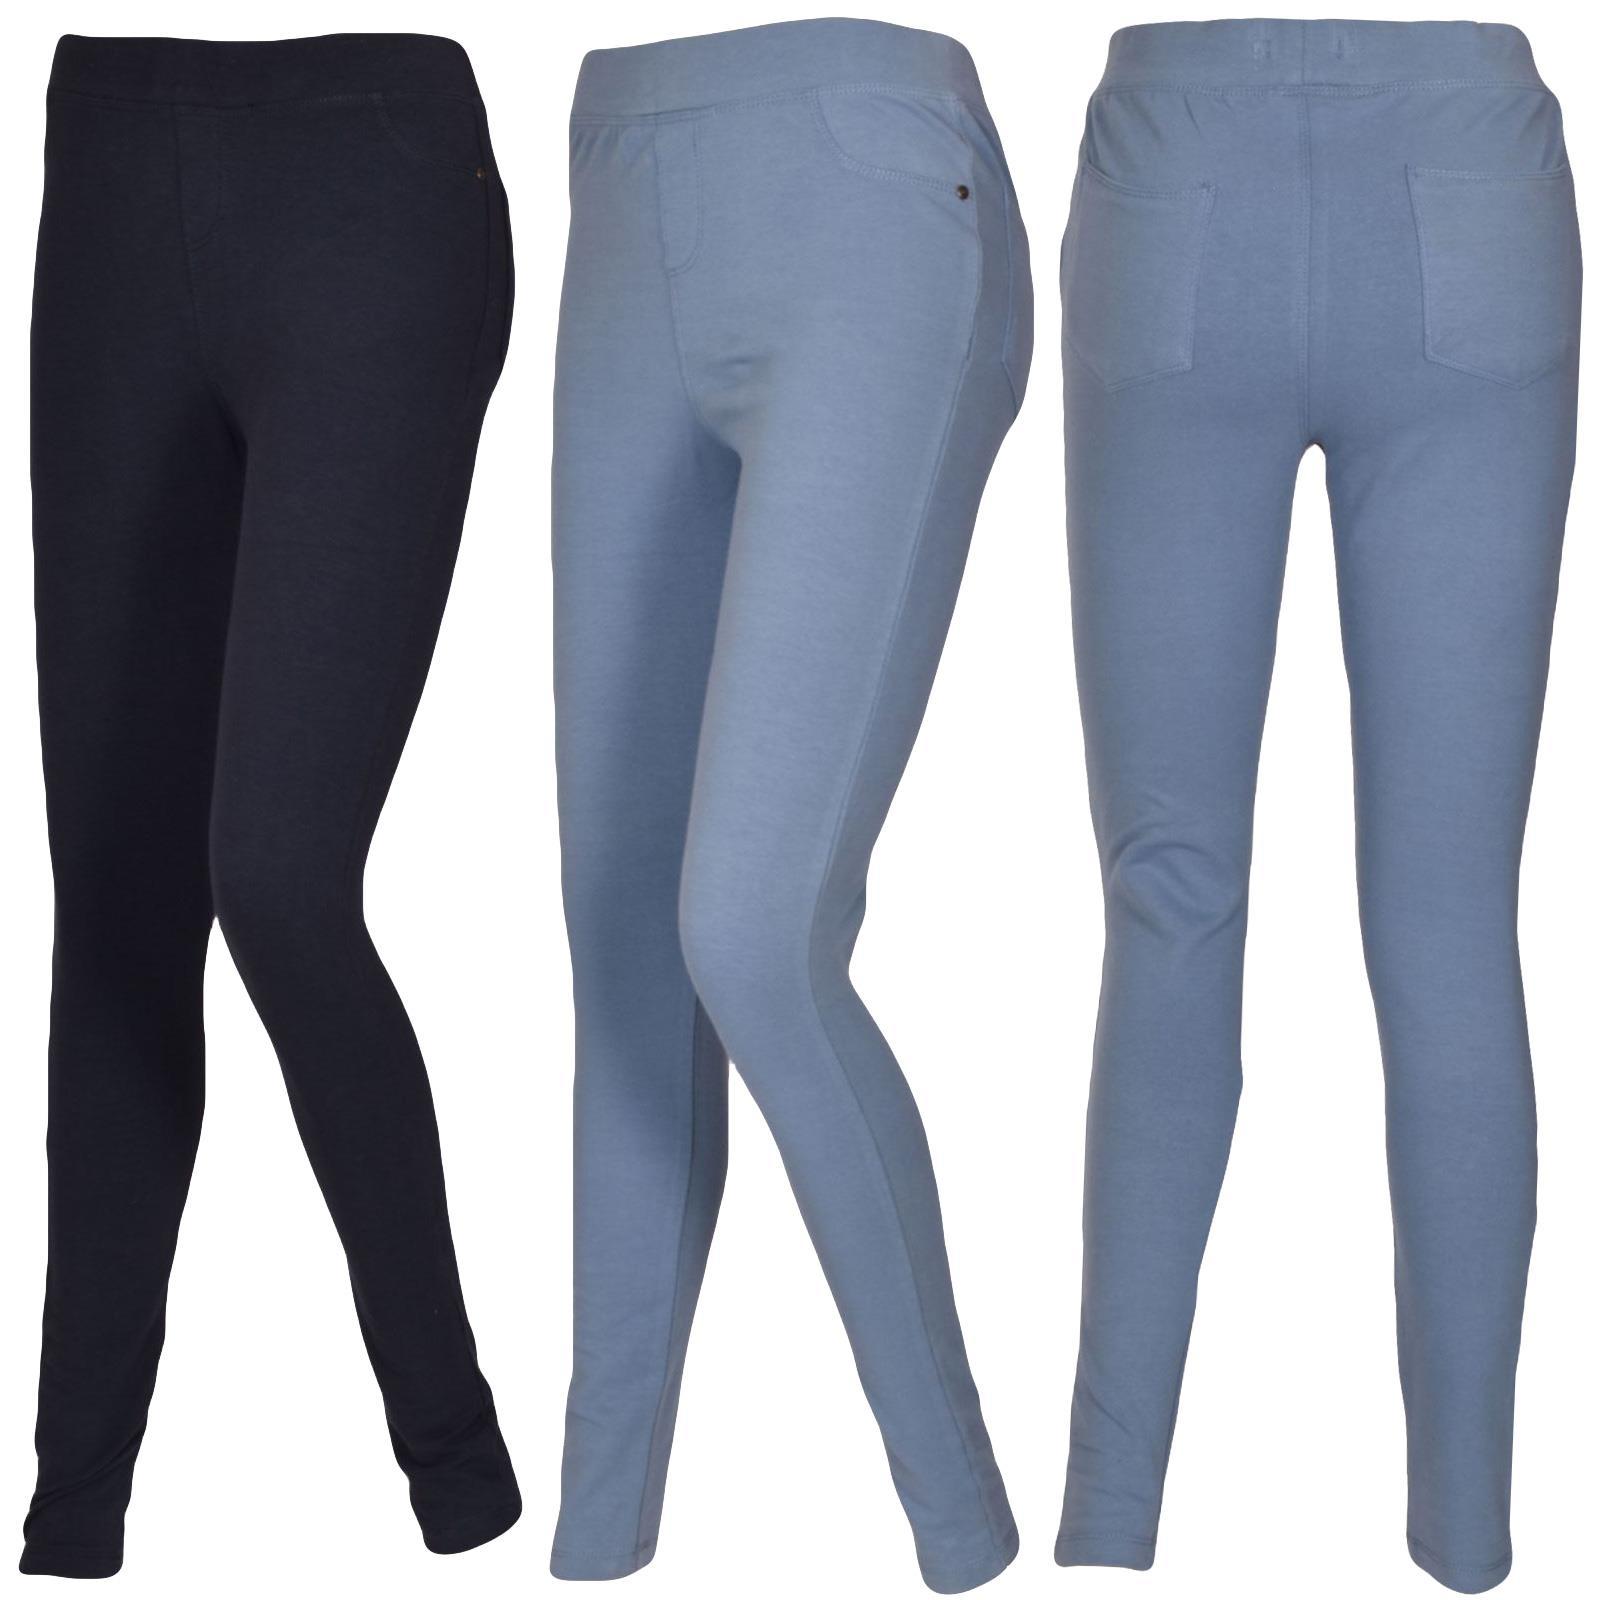 LADIES FULL LENGTH MULTI PRINT LEGGINGS CASUAL WOMEN/'S LEGGINGS PANTS SIZE 8-18